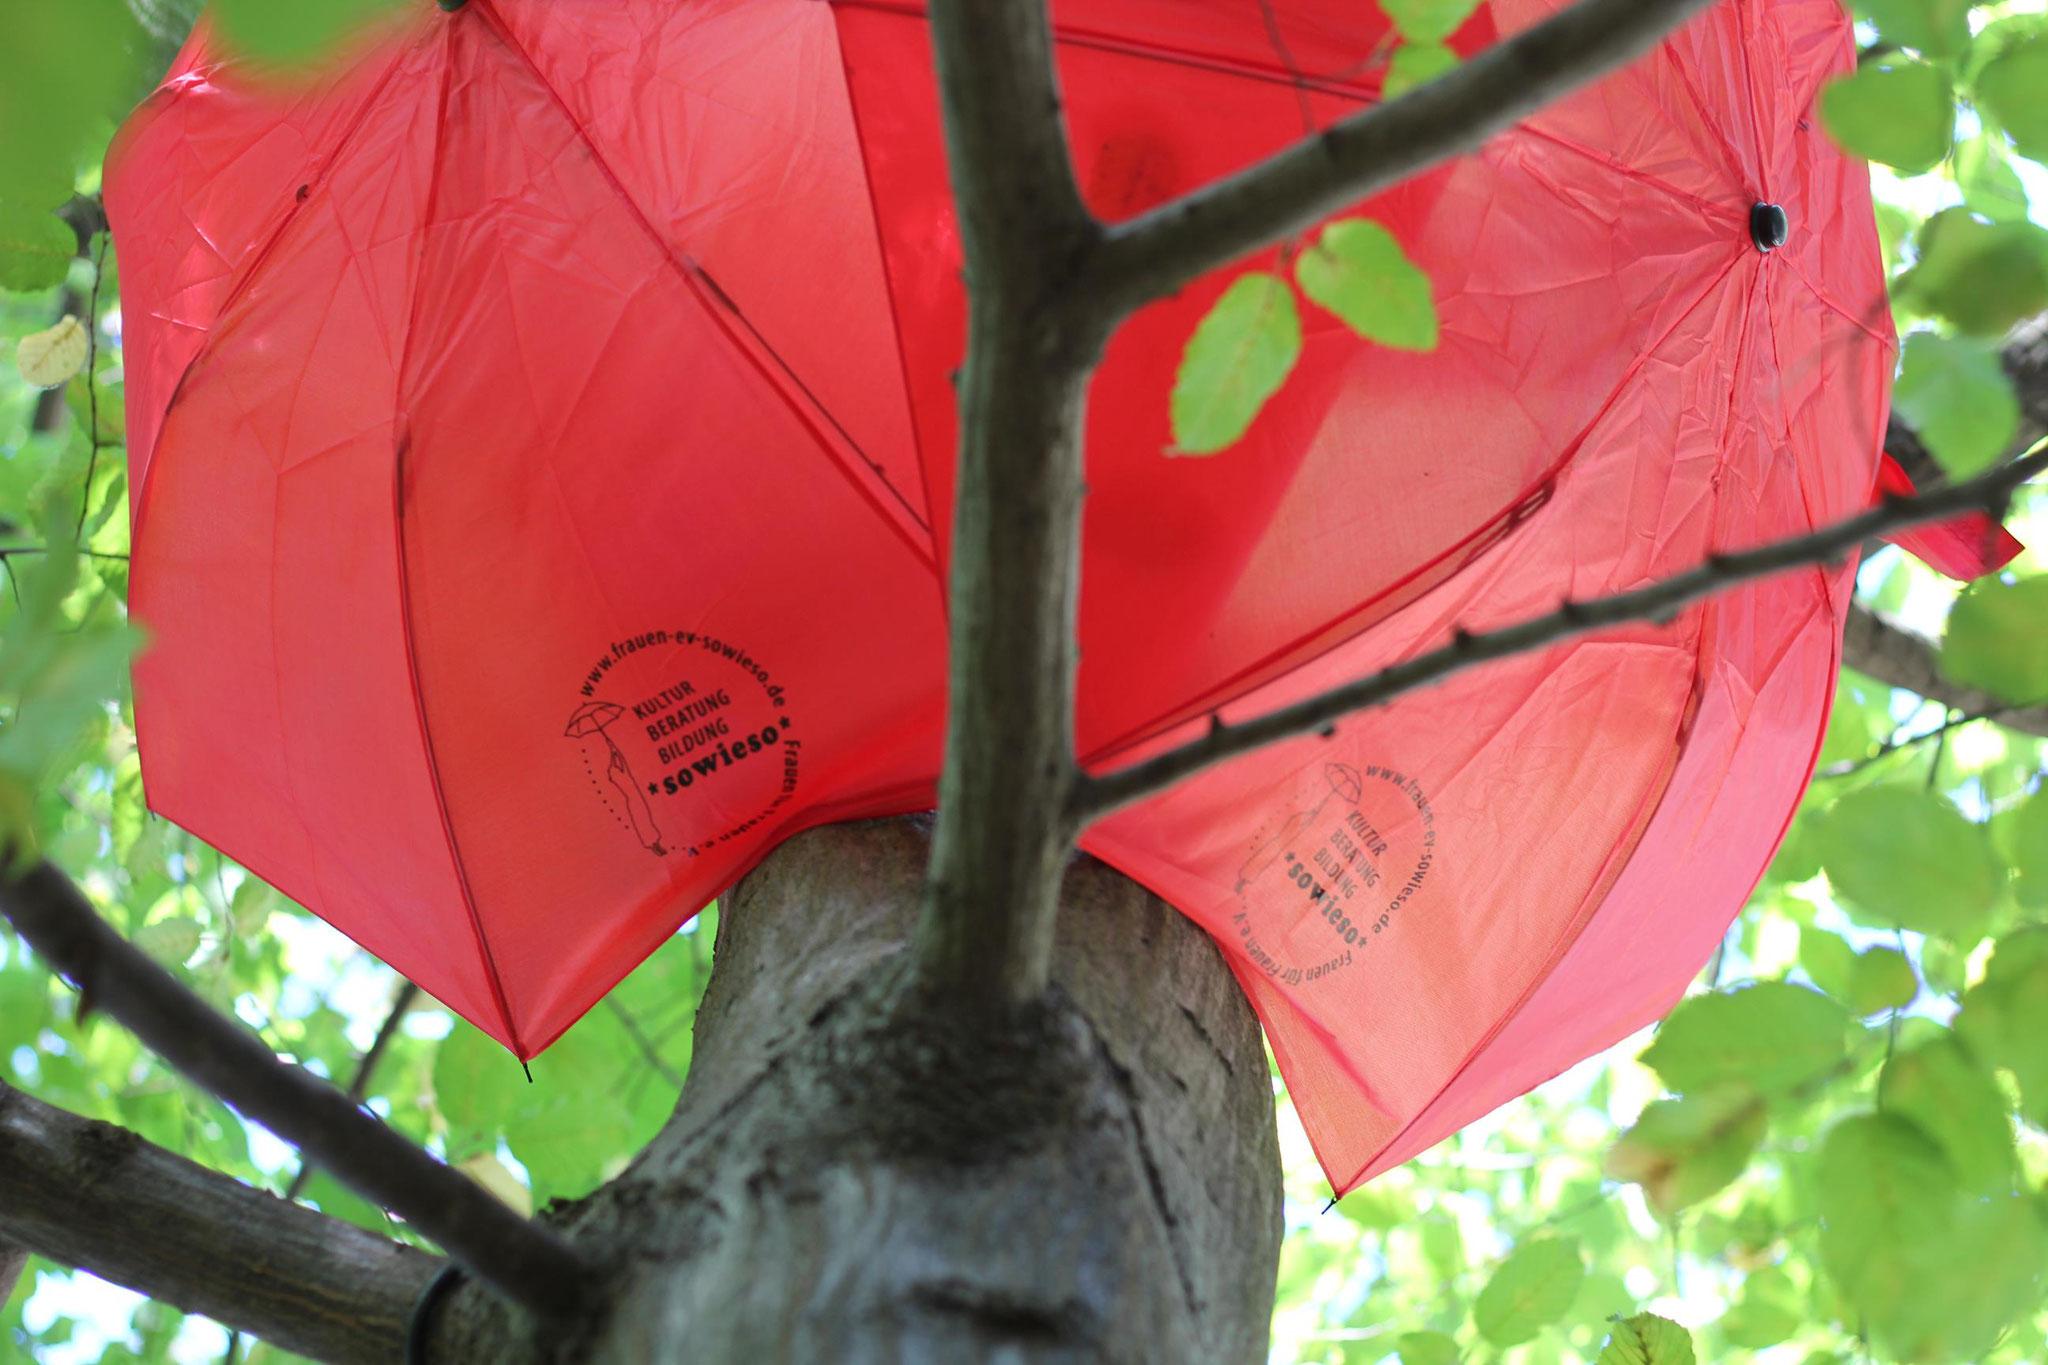 Am Abend verwandelten sich diese Schirme in eine leuchtende Installation.